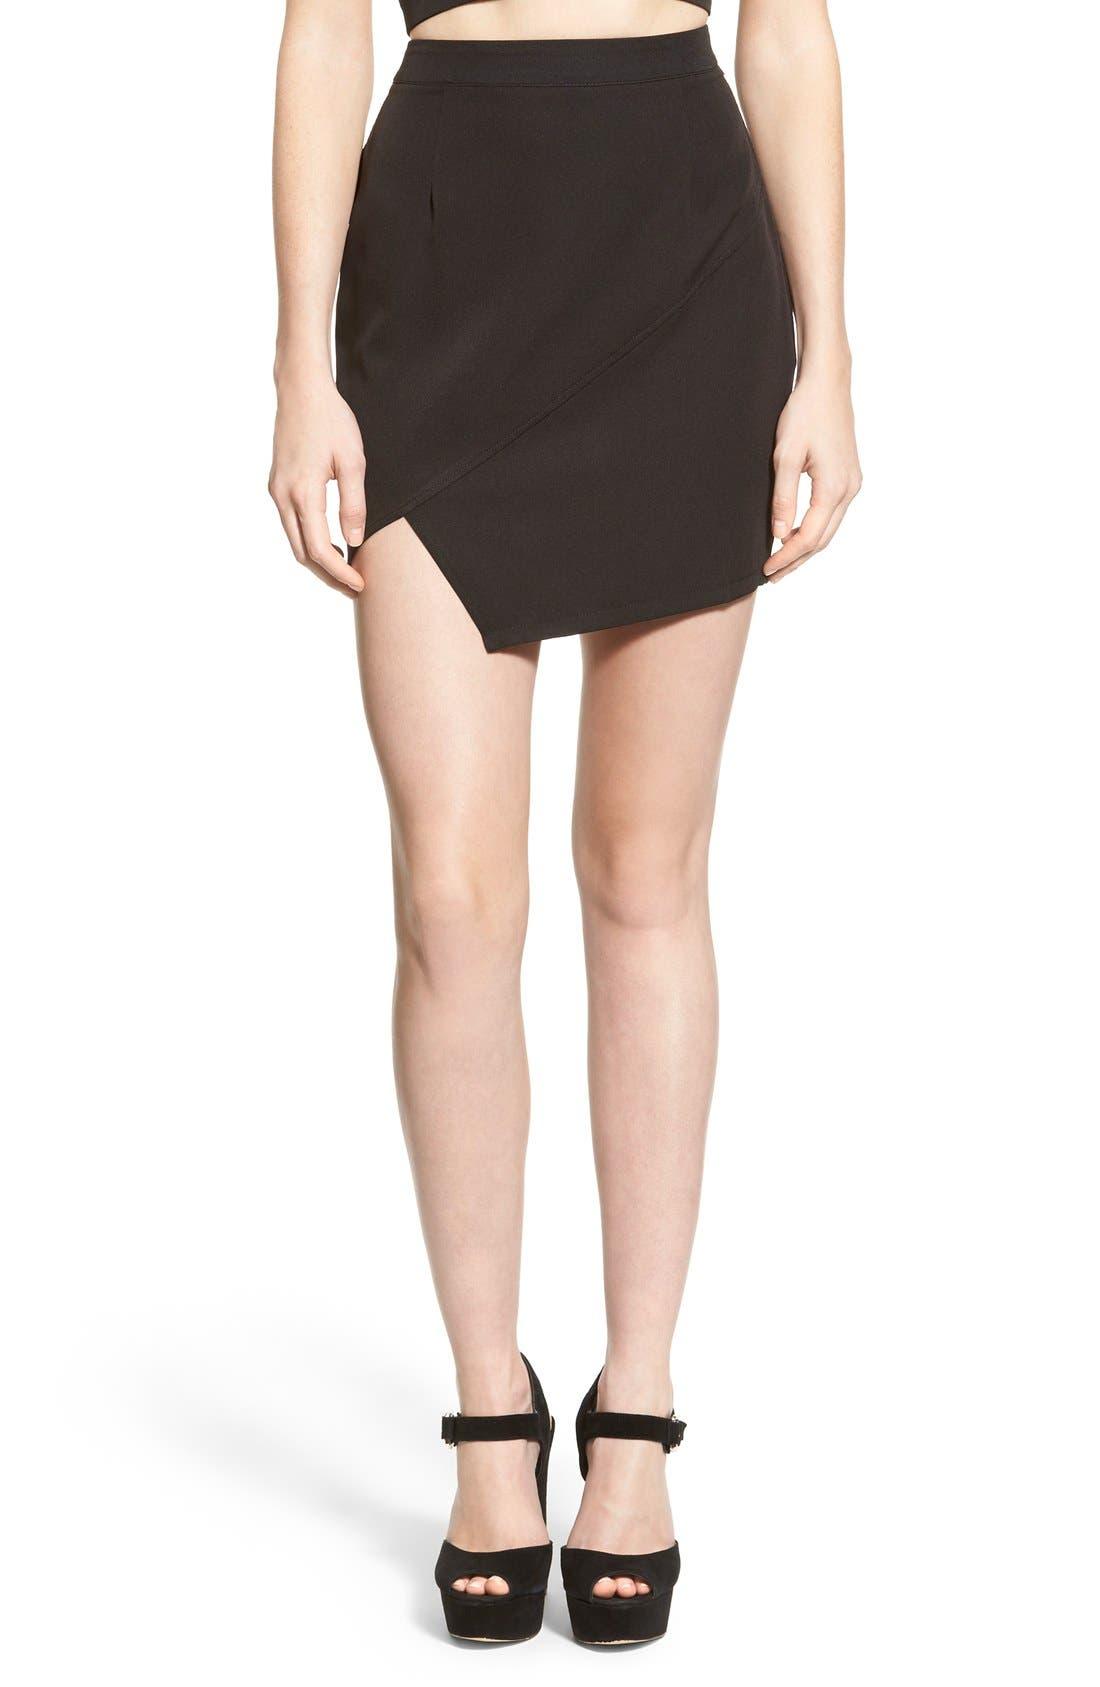 Alternate Image 1 Selected - Missguided Asymmetrical Miniskirt